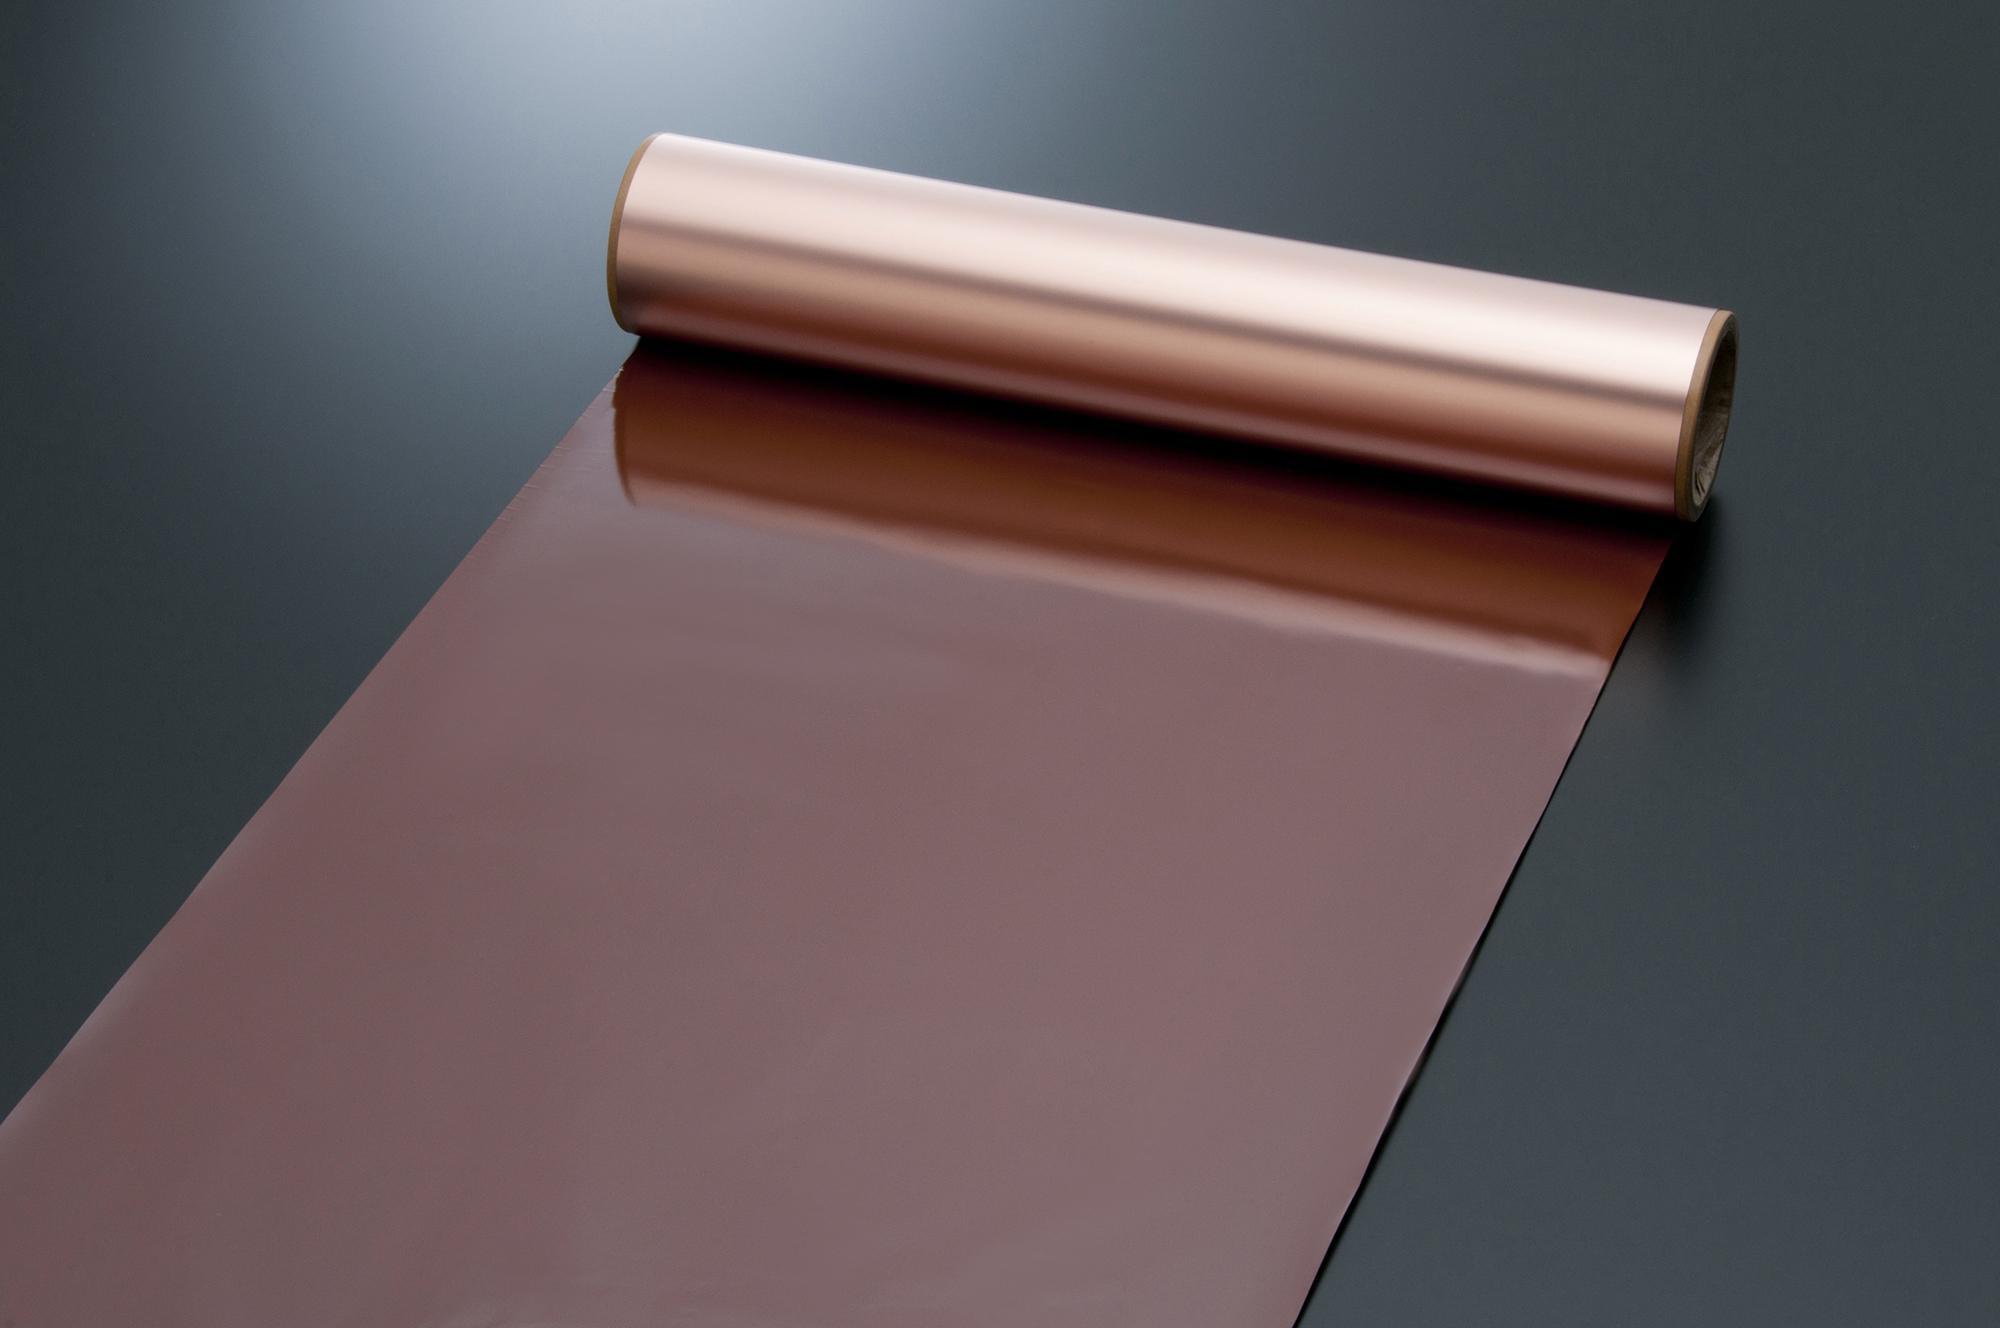 極薄FPC ビルドアップ用フレキシブル樹脂付き銅箔「FELIOSシリーズ」